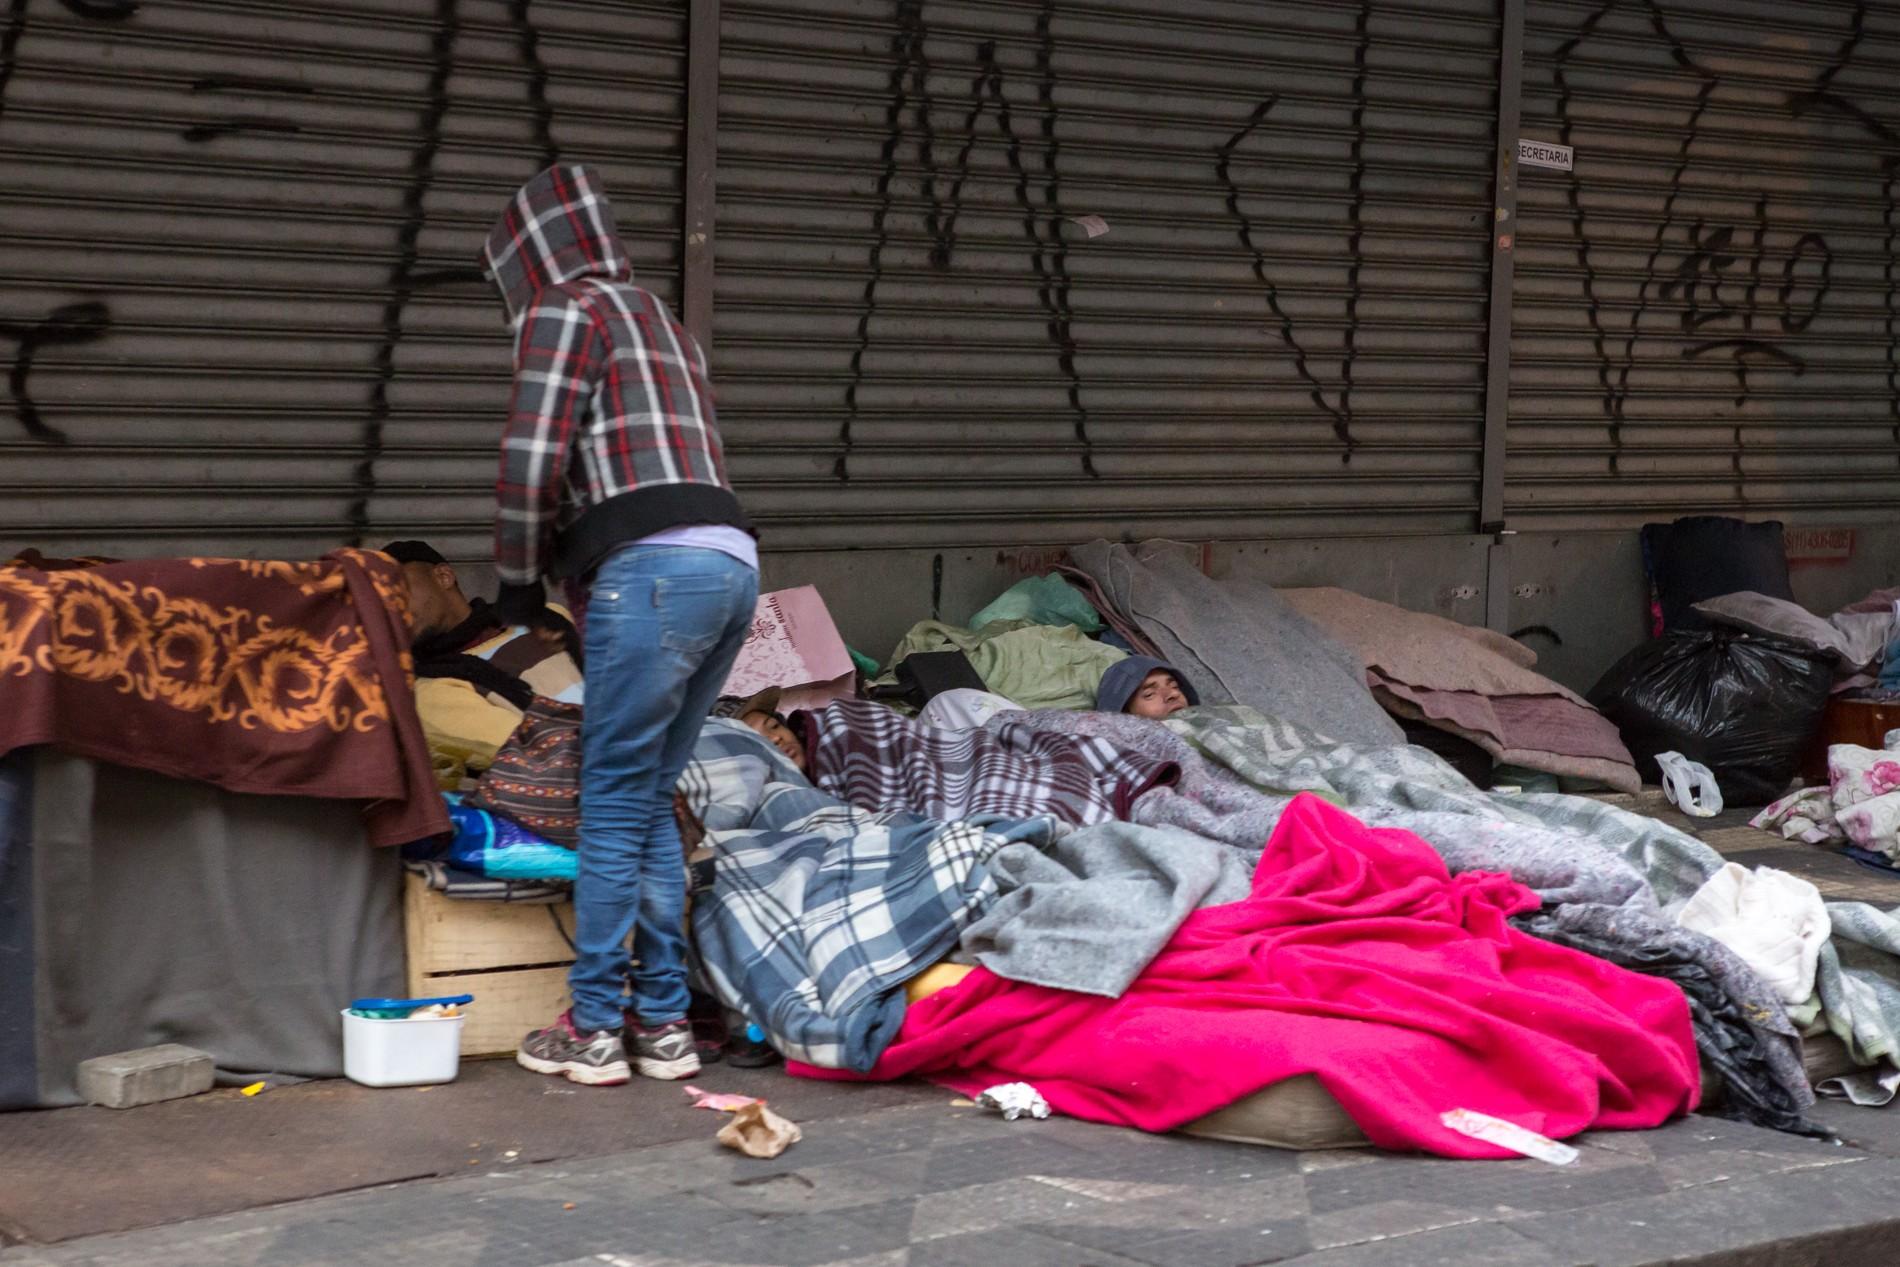 Brasil registra mais de 17 mil casos de violência contra moradores de rua em 3 anos